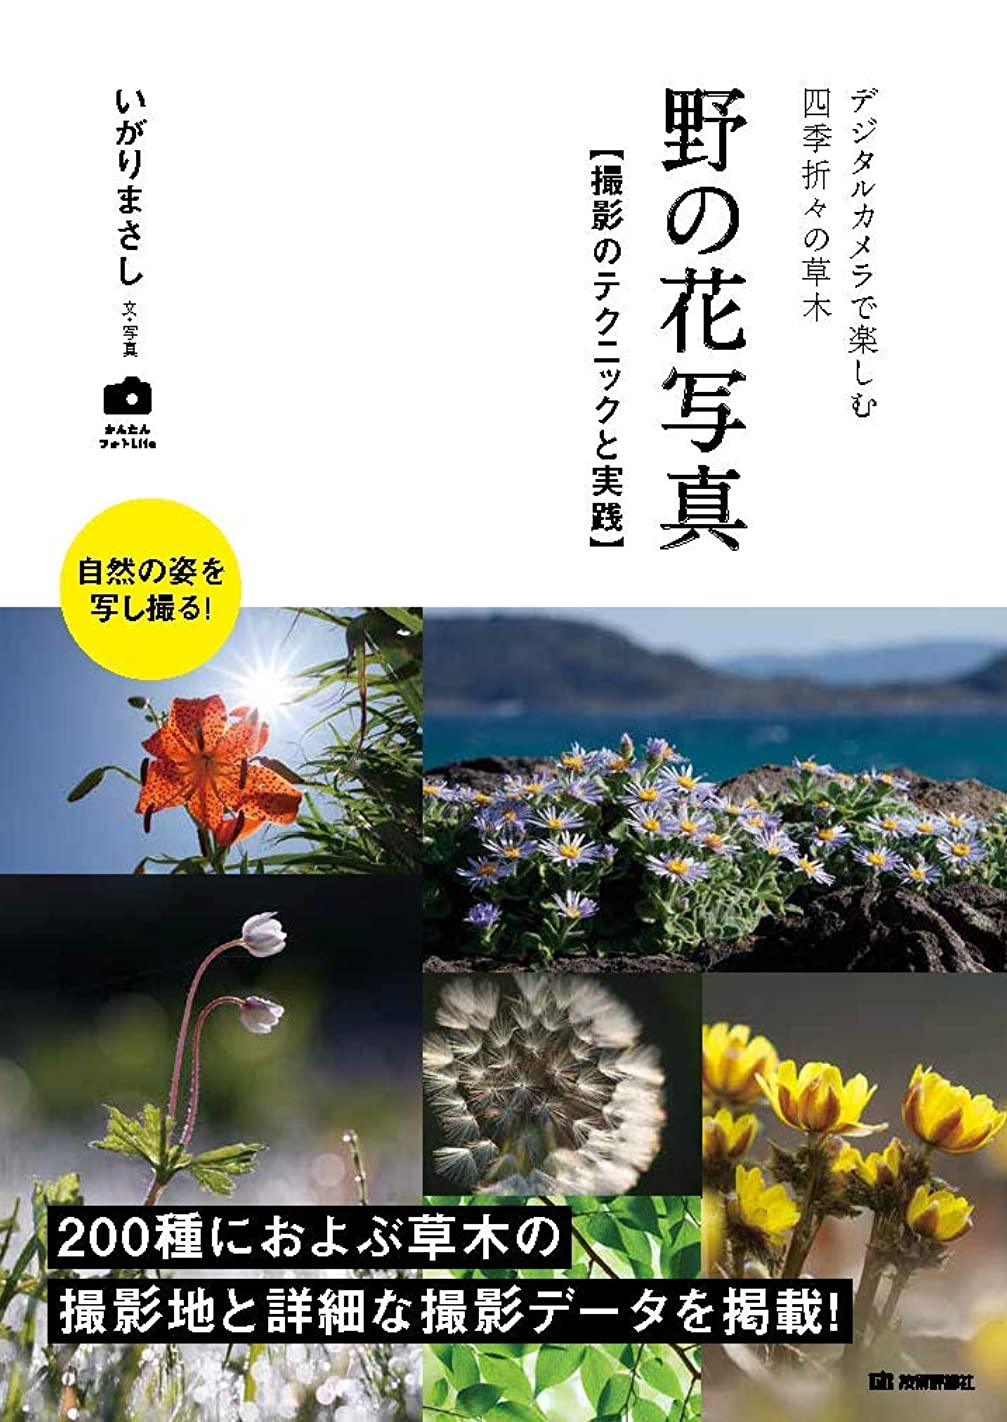 証書製作万歳野の花写真 撮影のテクニックと実践~デジタルカメラで楽しむ四季折々の草木